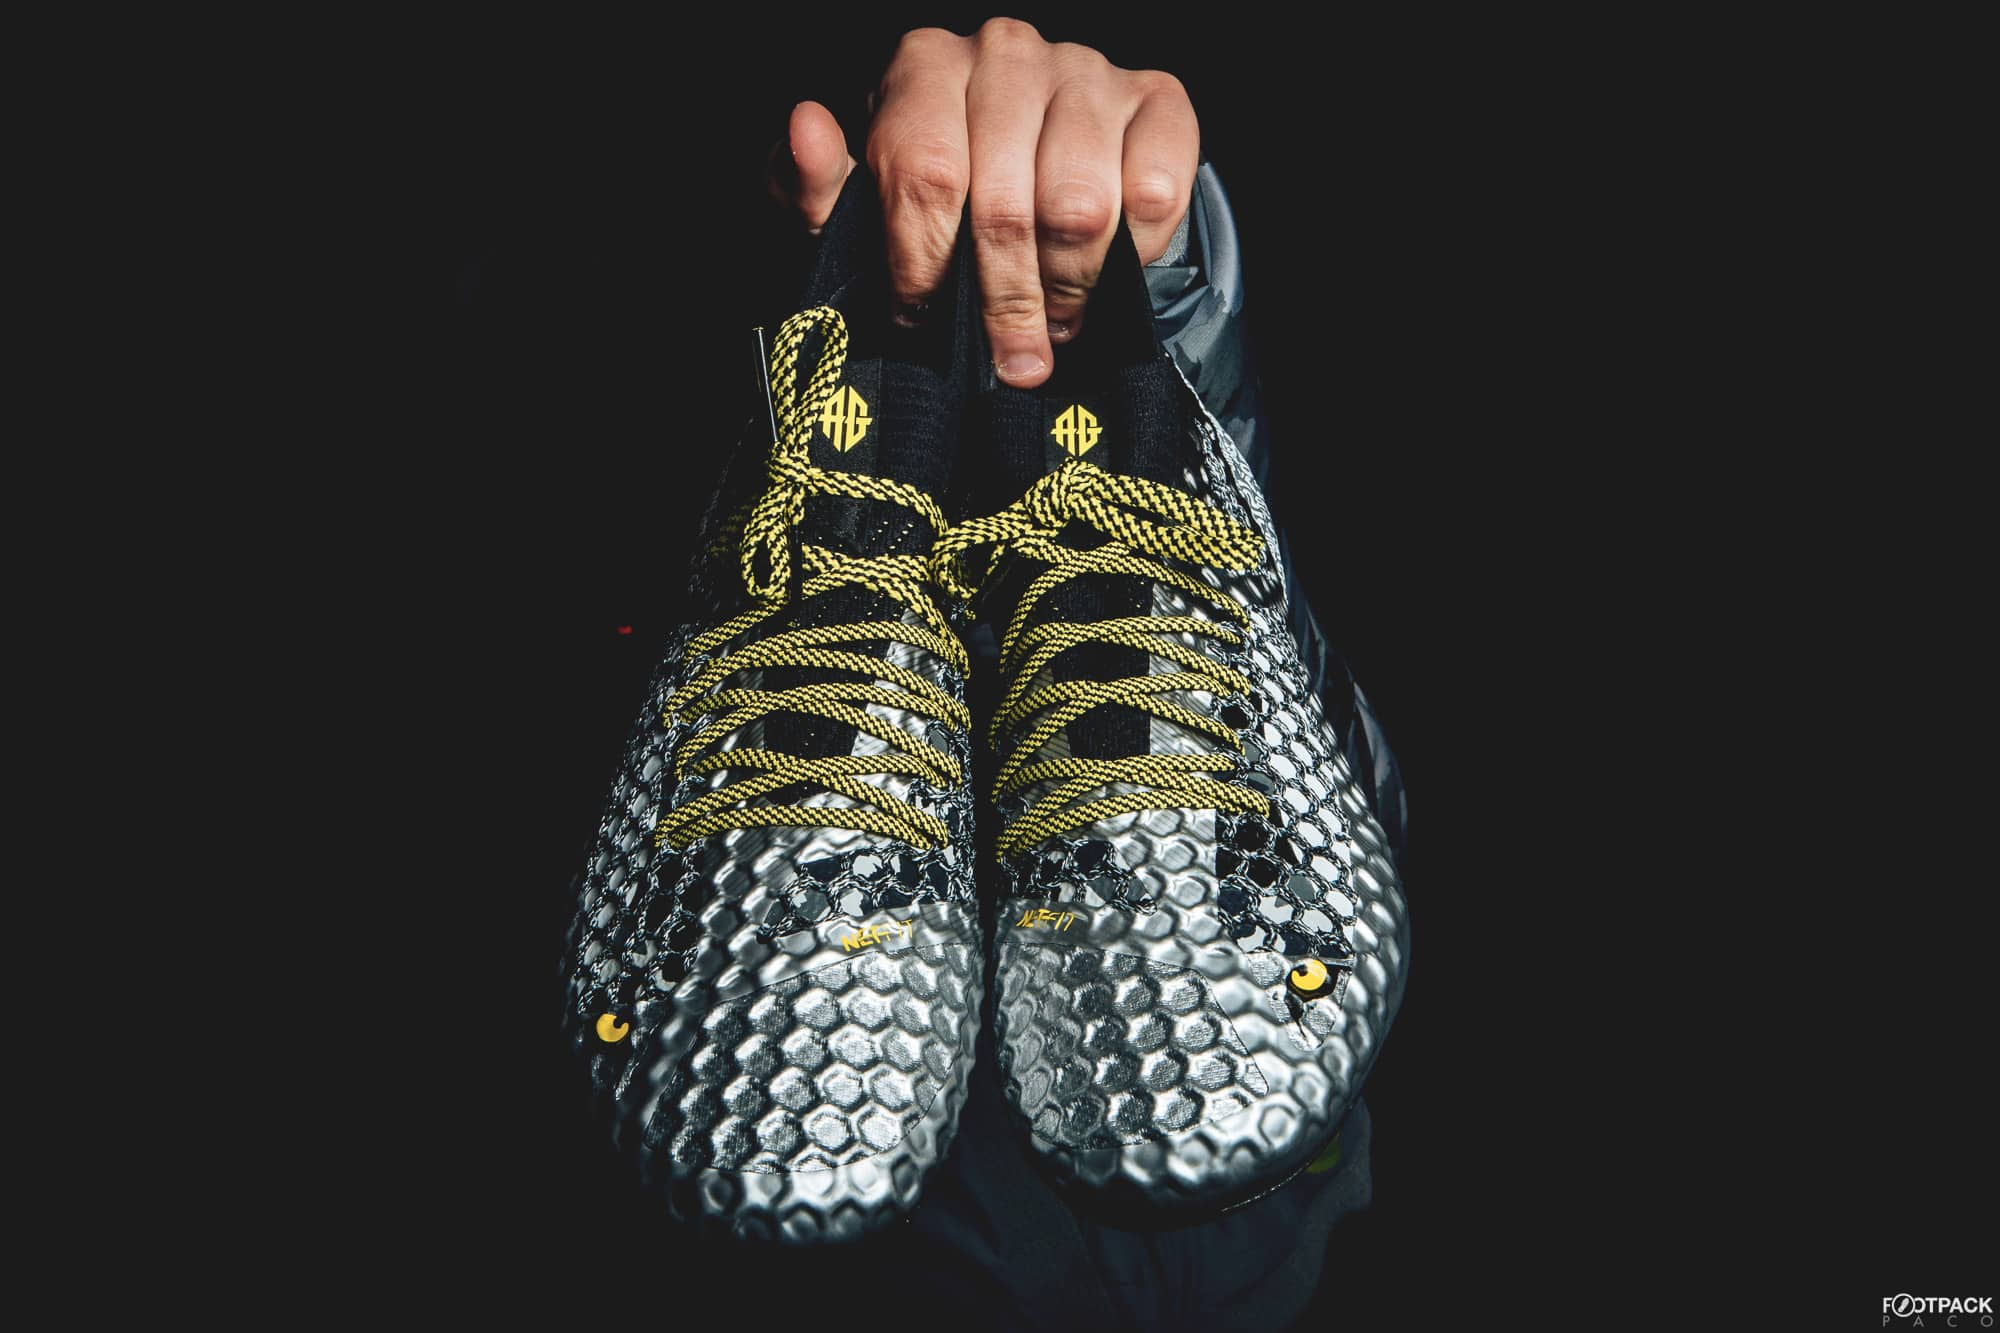 chaussure-football-puma-future-netfit-antoine-griezmann-décembre-2017-15